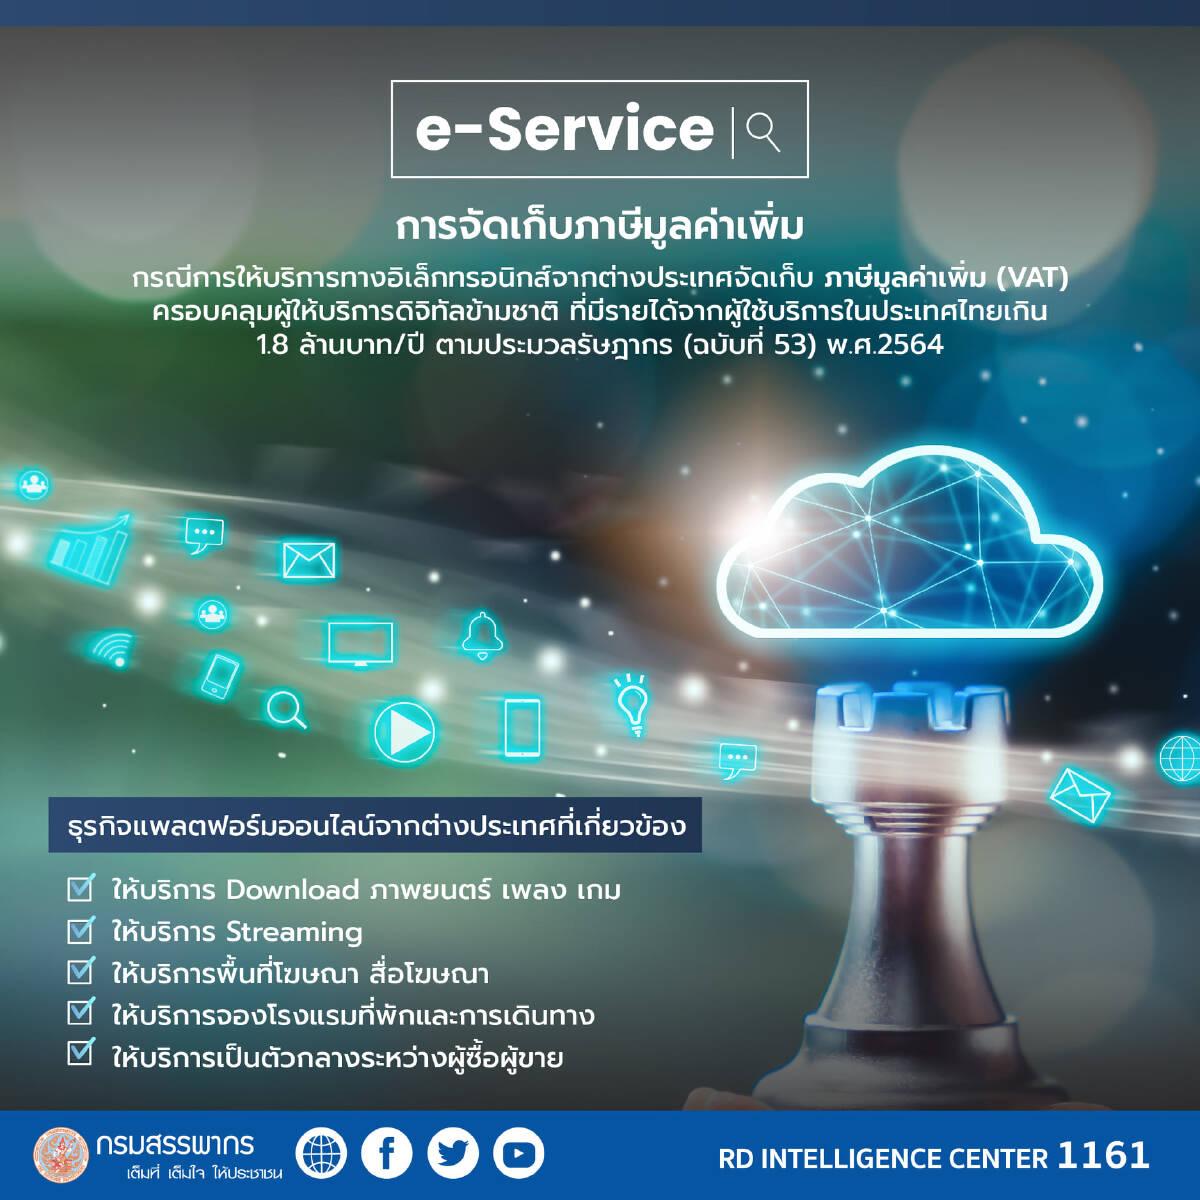 เริ่ม 1 ก.ย. สรรพากร เก็บภาษี e - Service สร้างรายได้ 5,000 ล้านบาท ในปี 2565